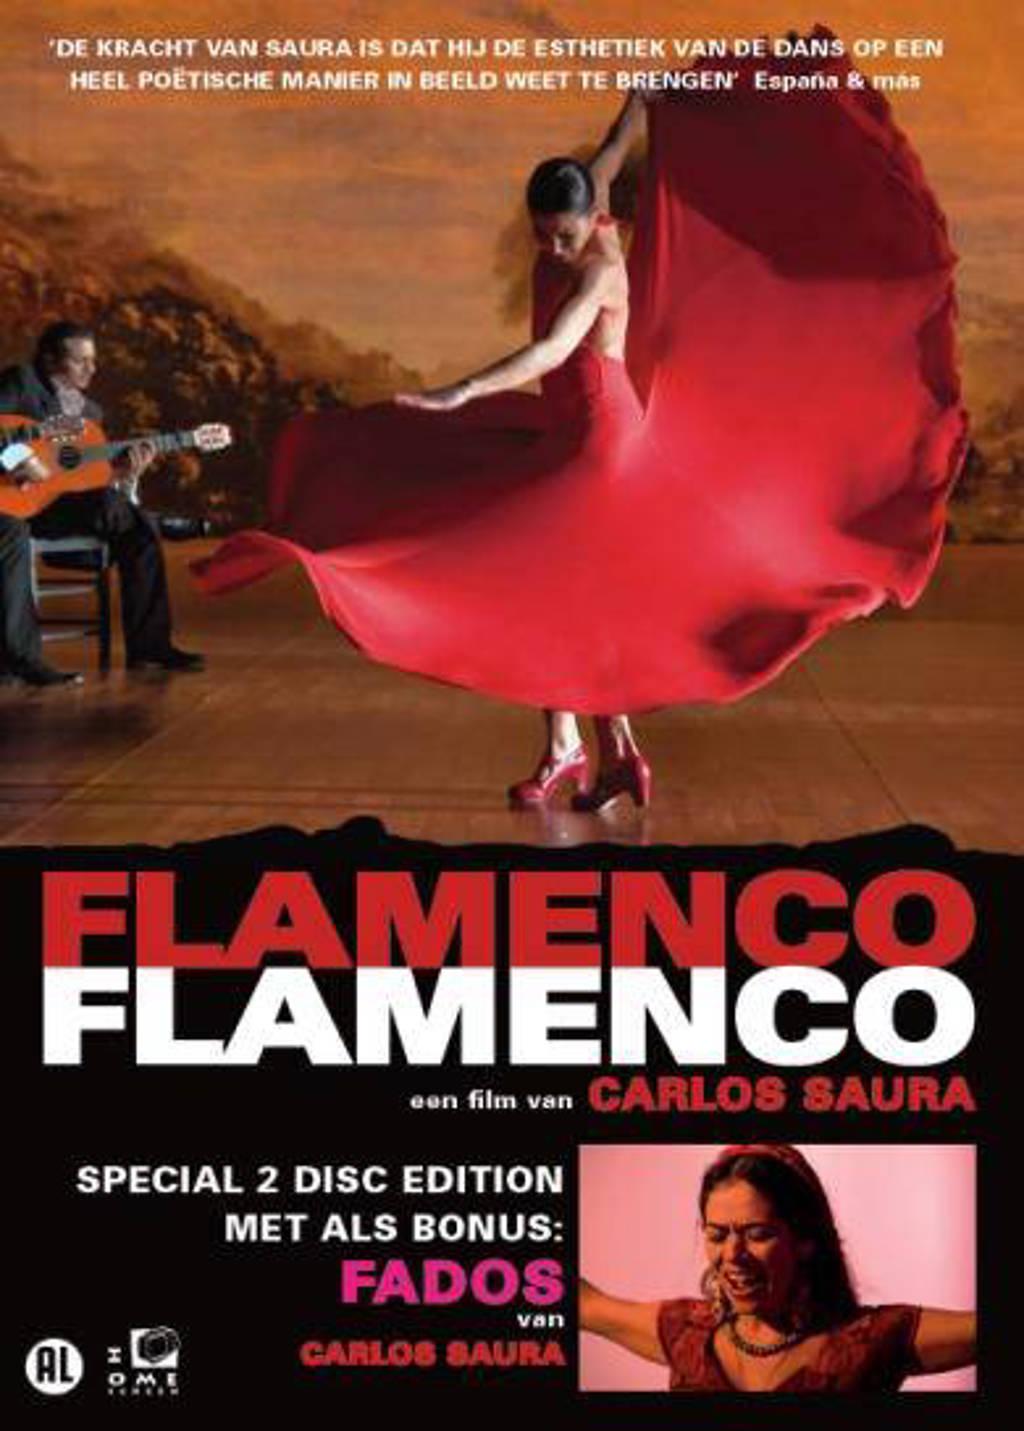 Flamenco flamenco/Fados (DVD)